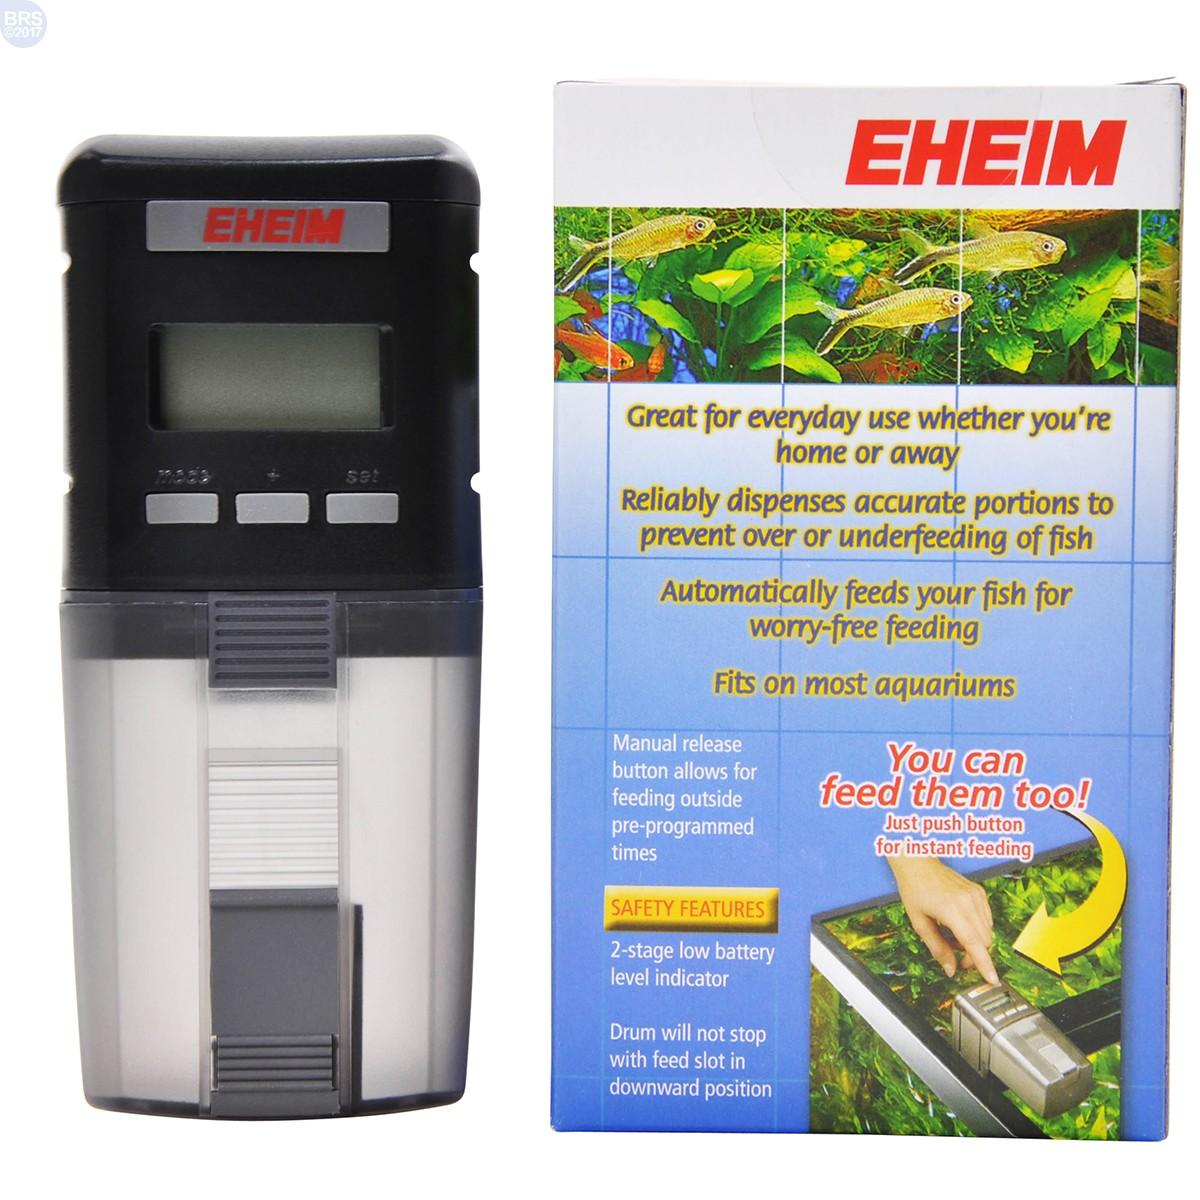 Everyday fish feeder eheim automatic feeders fish for Eheim fish feeder